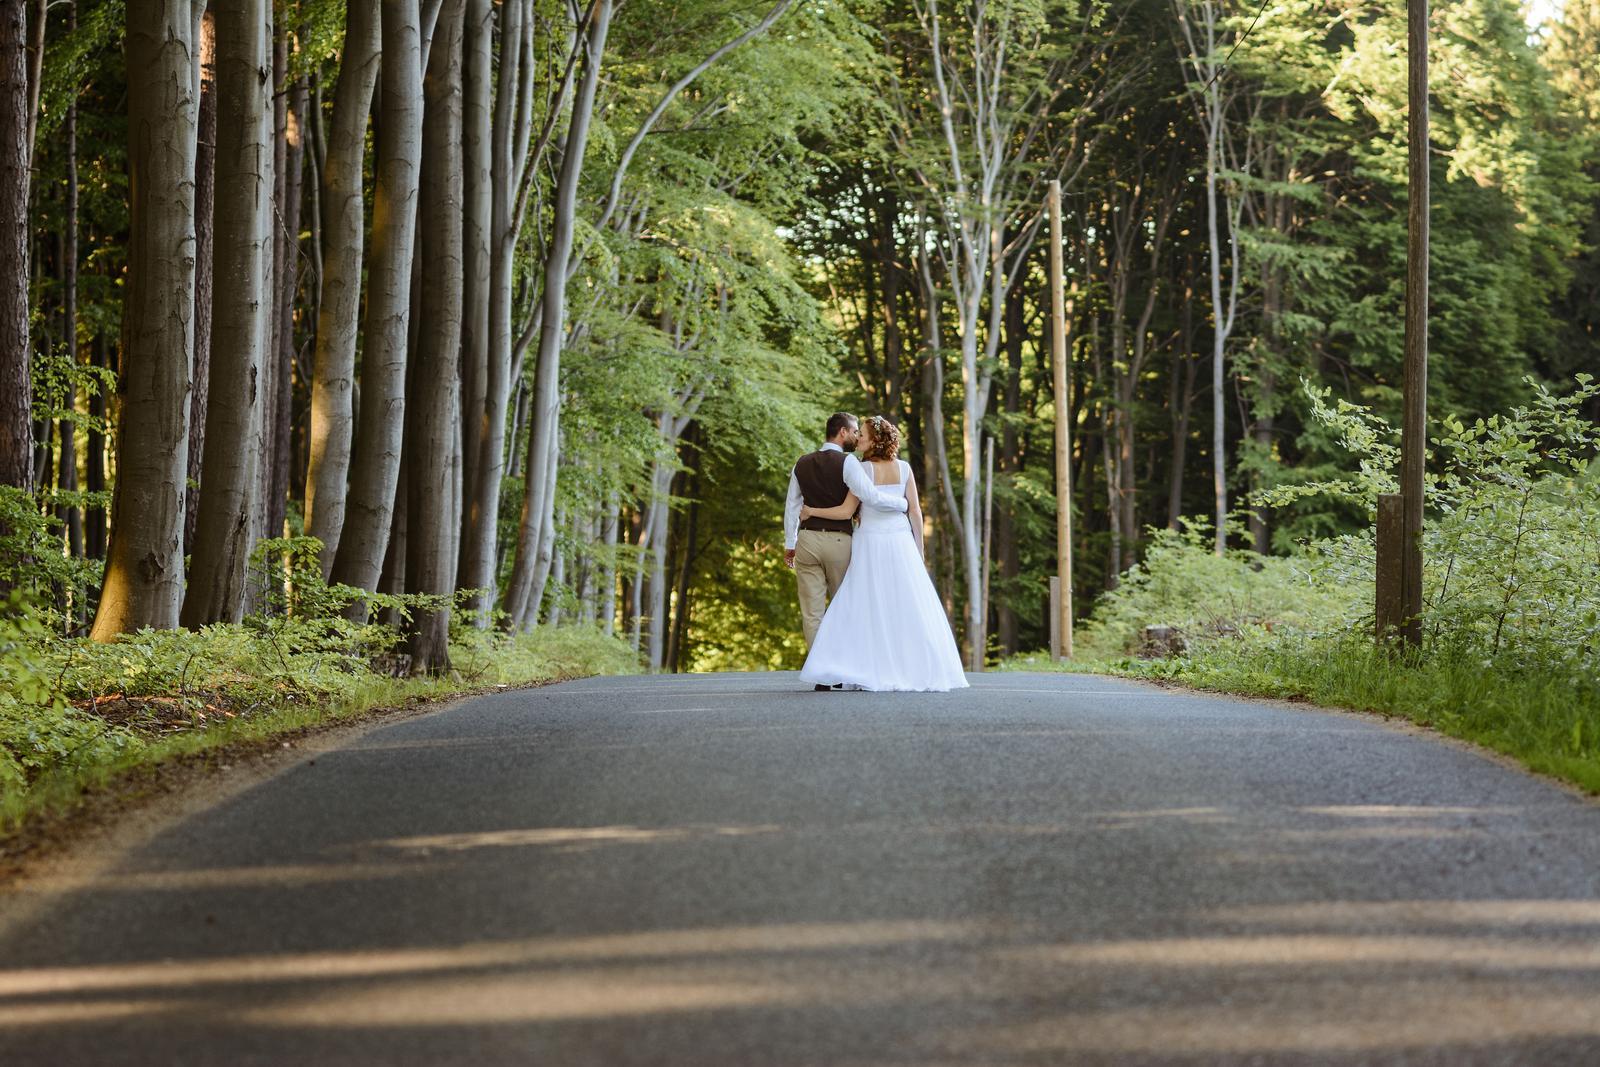 Svatební fotograf Karel Královec - kralovecphoto - Obrázek č. 66